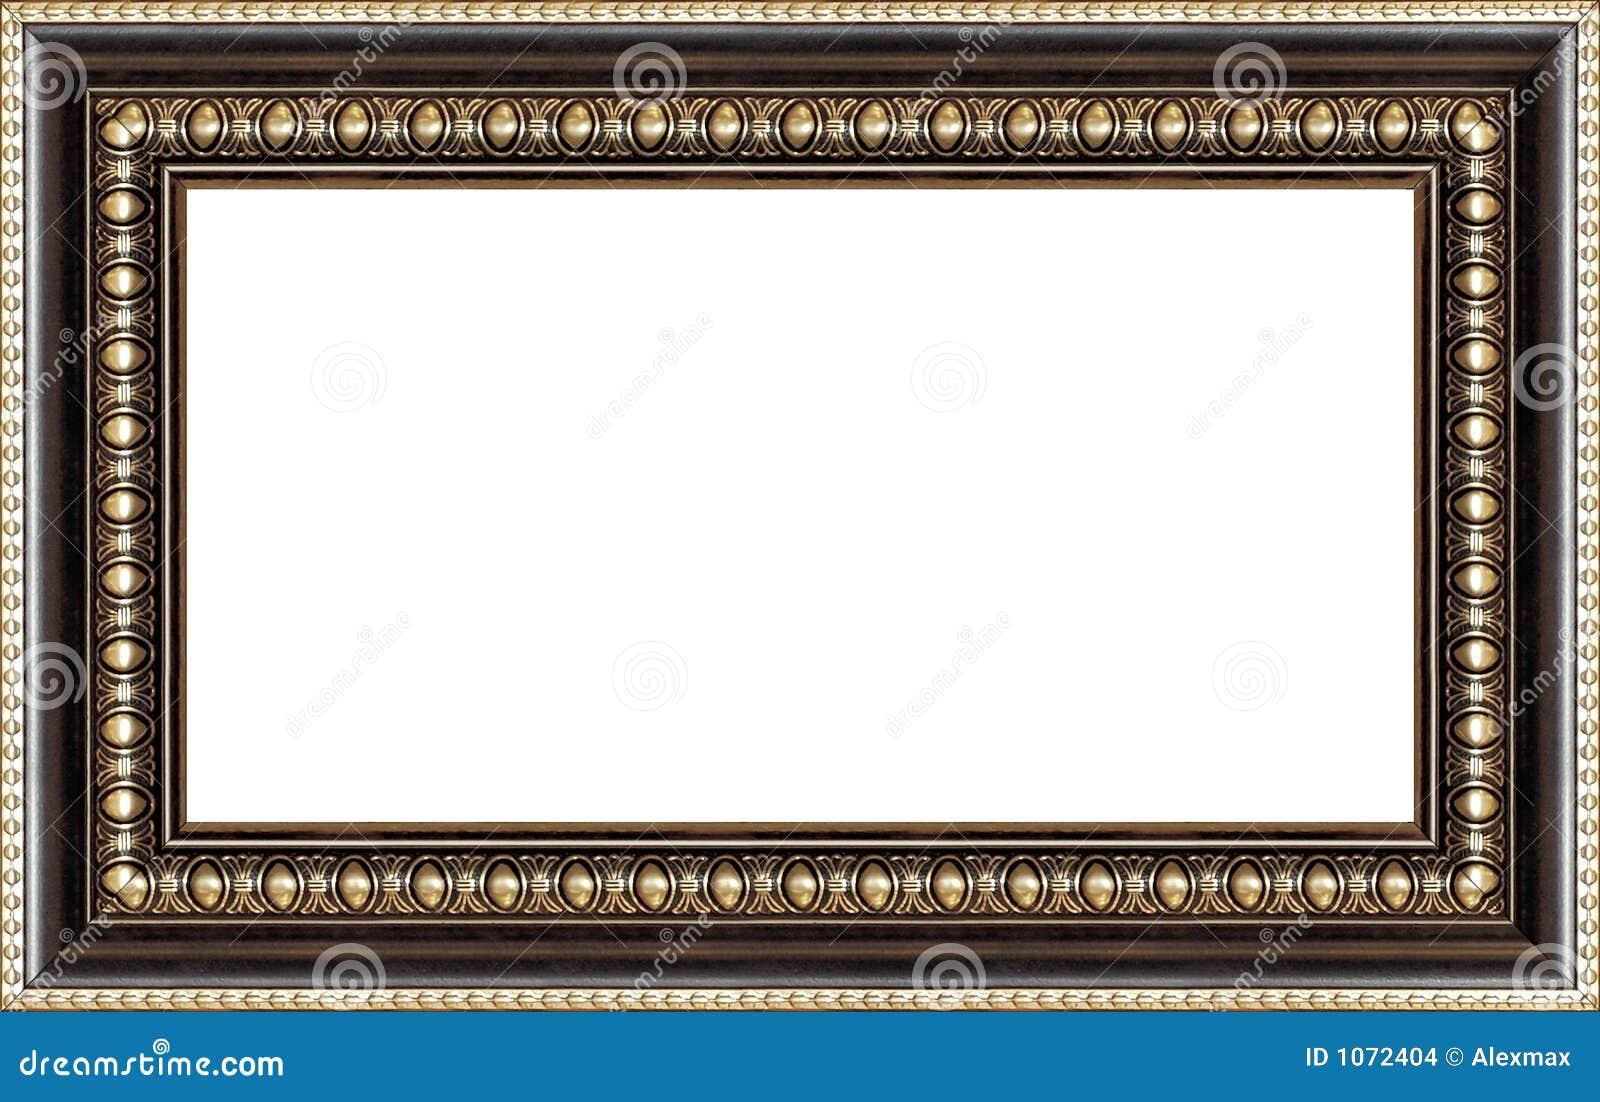 Cornice Di Legno Antica Immagini Stock - Immagine: 1072404